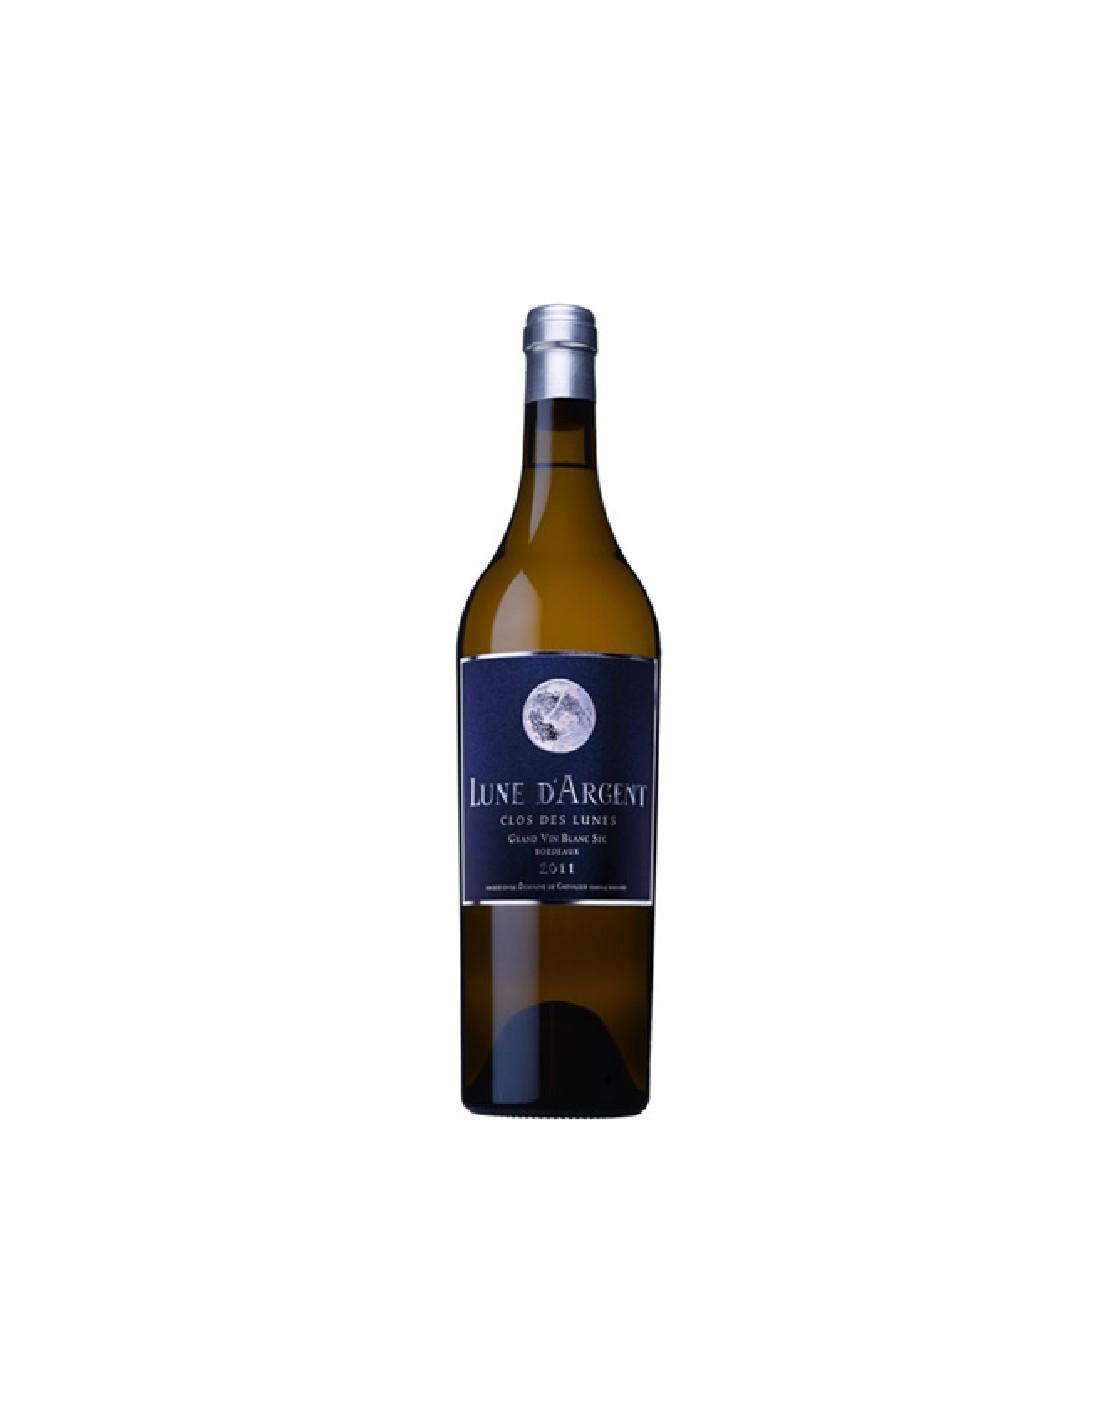 Vin rosu, Cupaj, Lune d'Argent Bordeaux, 0.75L, 13% alc., Franta